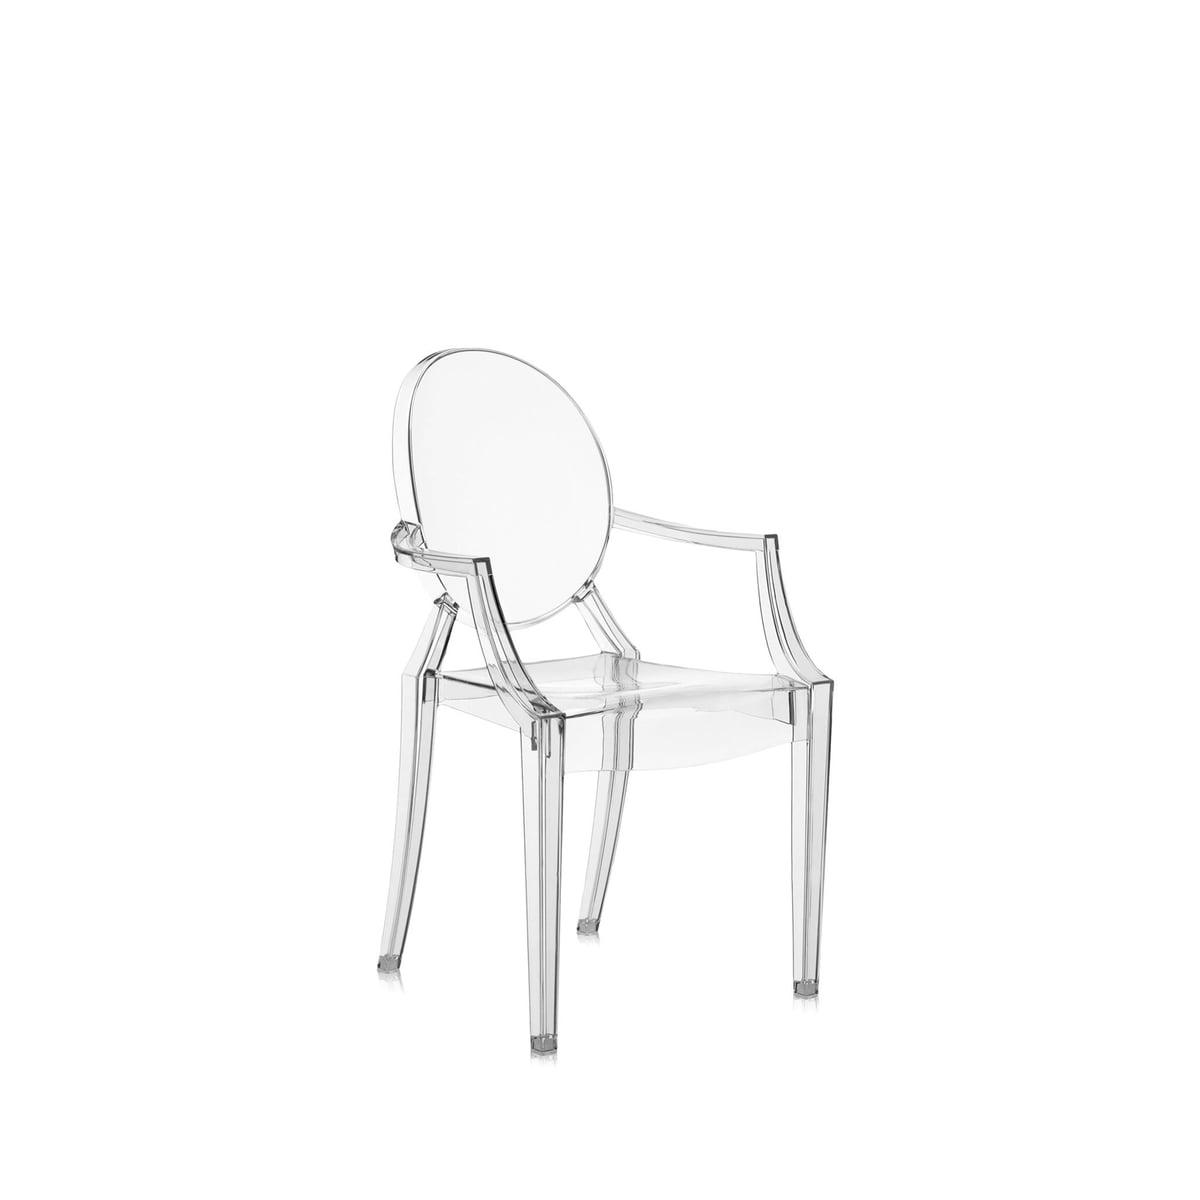 kinderstuhl lou lou ghost von kartell im shop. Black Bedroom Furniture Sets. Home Design Ideas